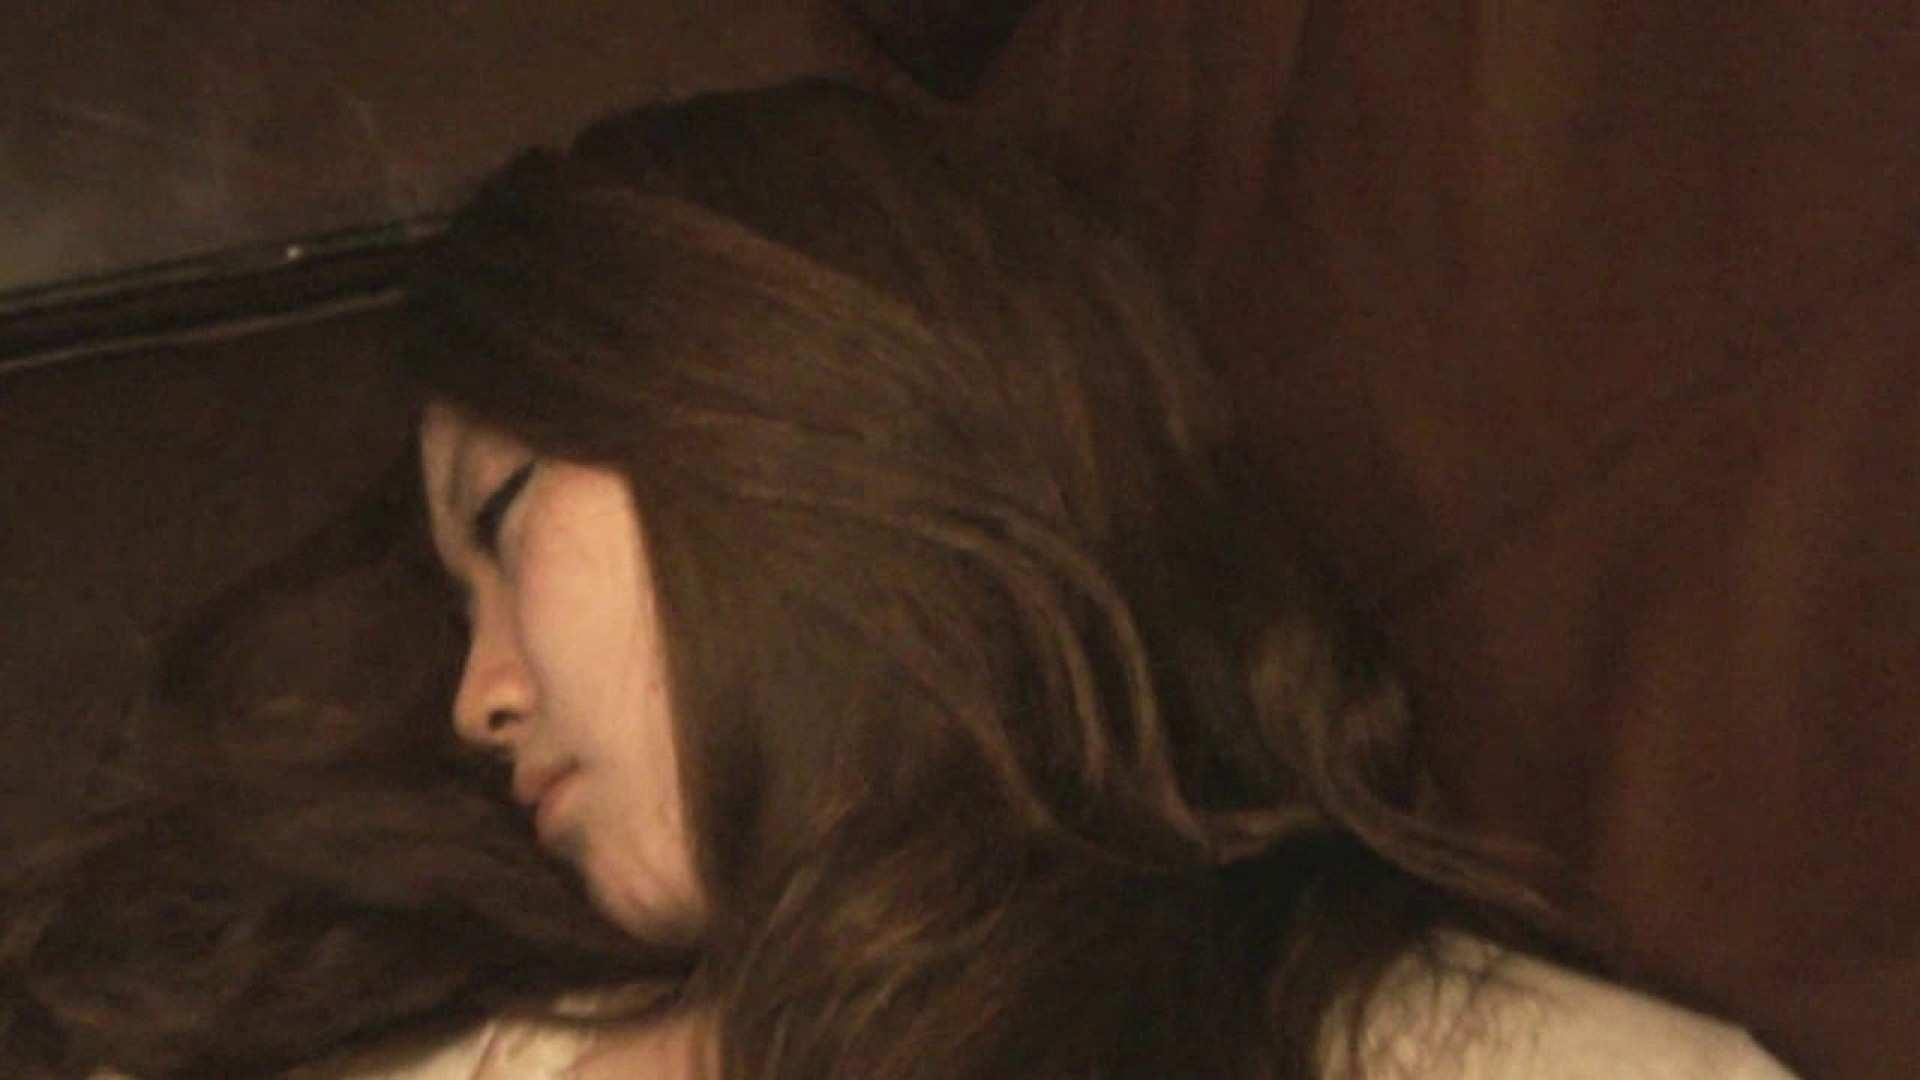 魔術師の お・も・て・な・し vol.10 19歳女子大生にカラオケでイタズラ 萌え女子大生 | OL女体  79連発 34